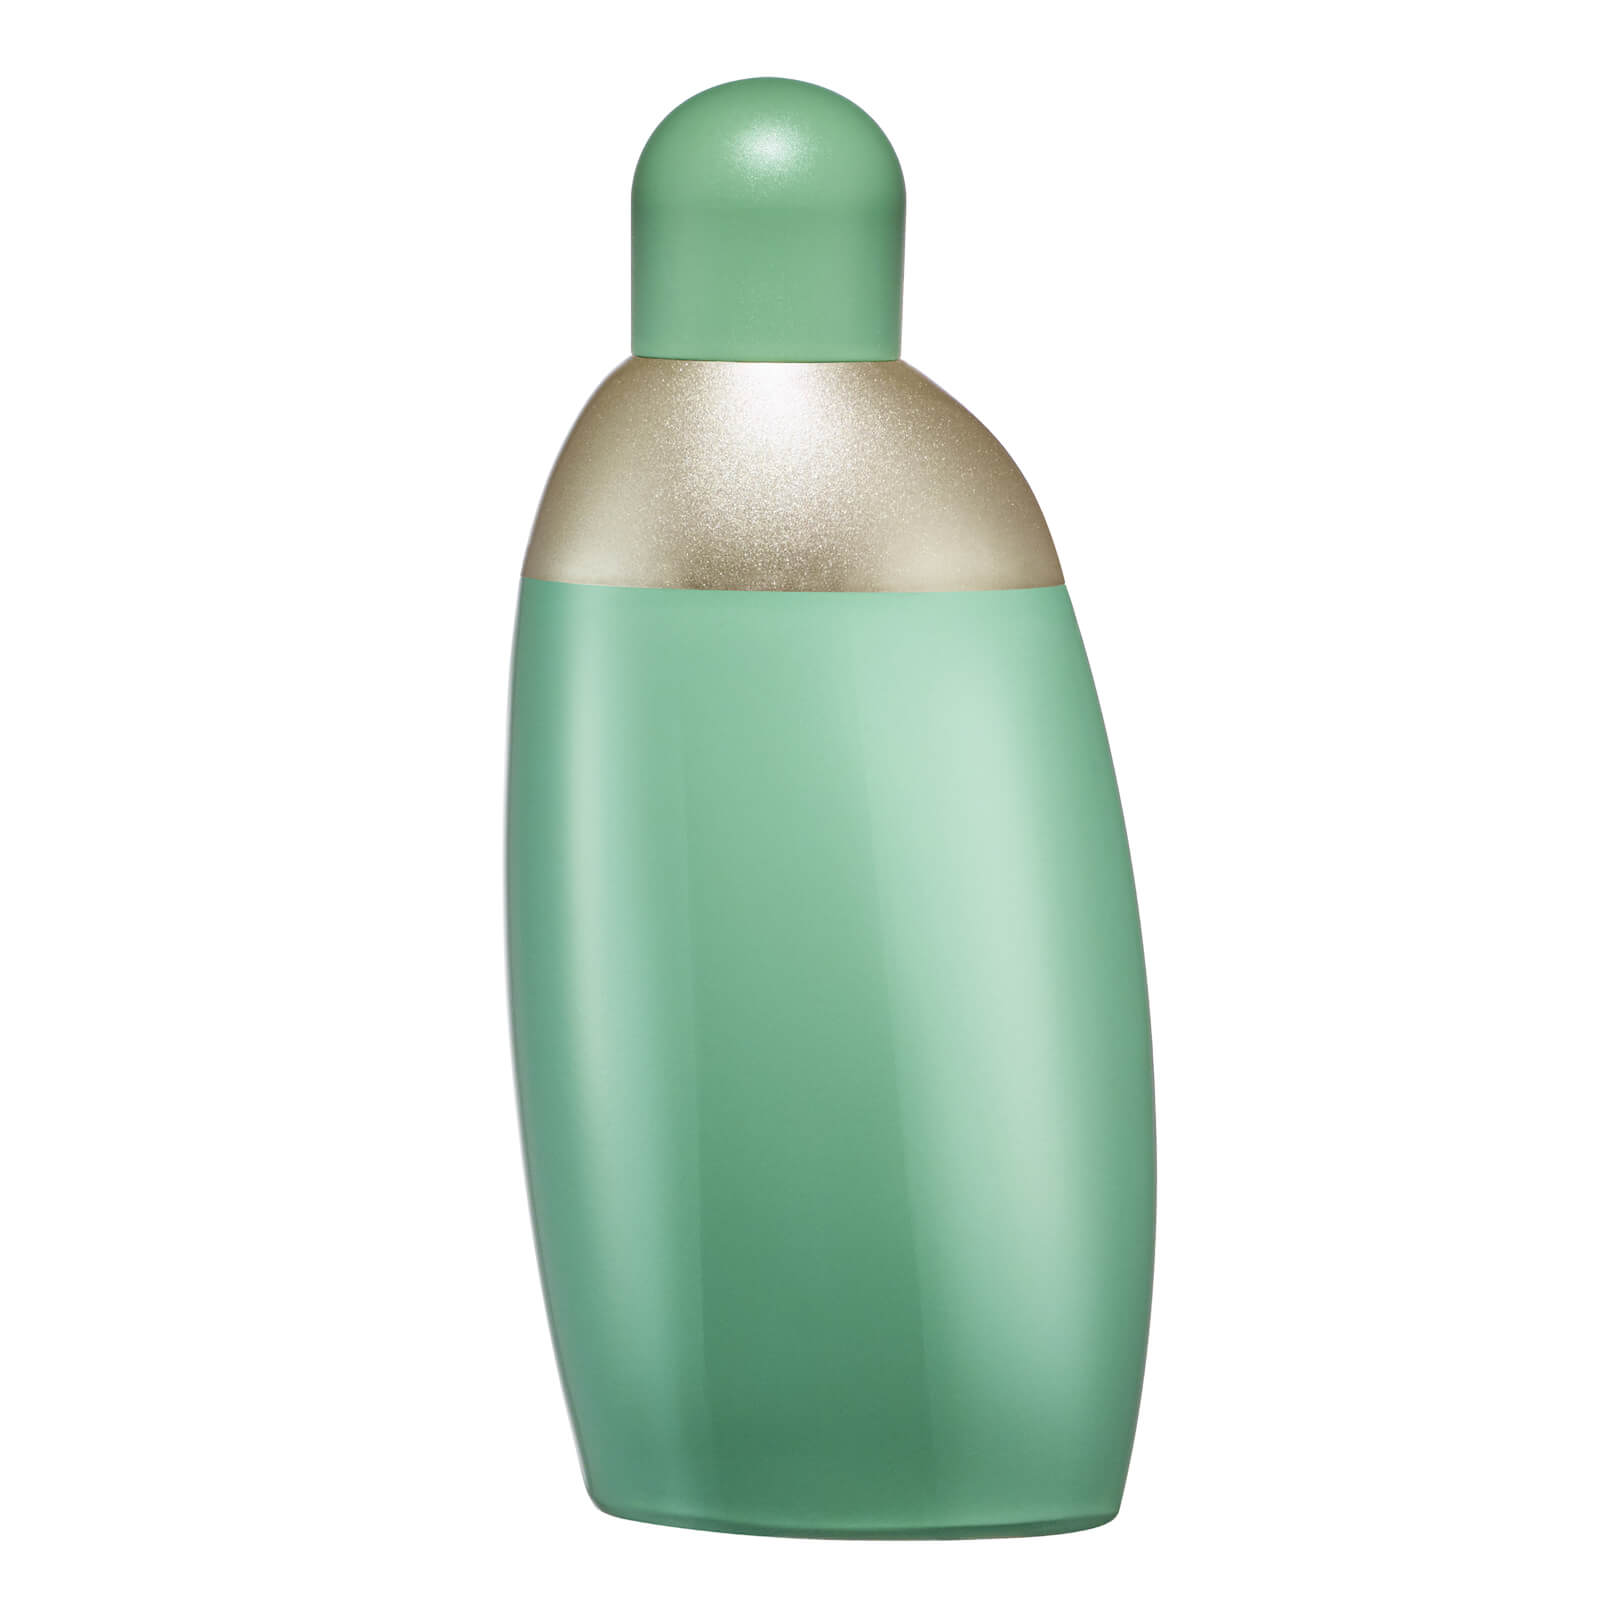 Image of Cacharel Eden Eau de Parfum (Various Sizes) - 50ml